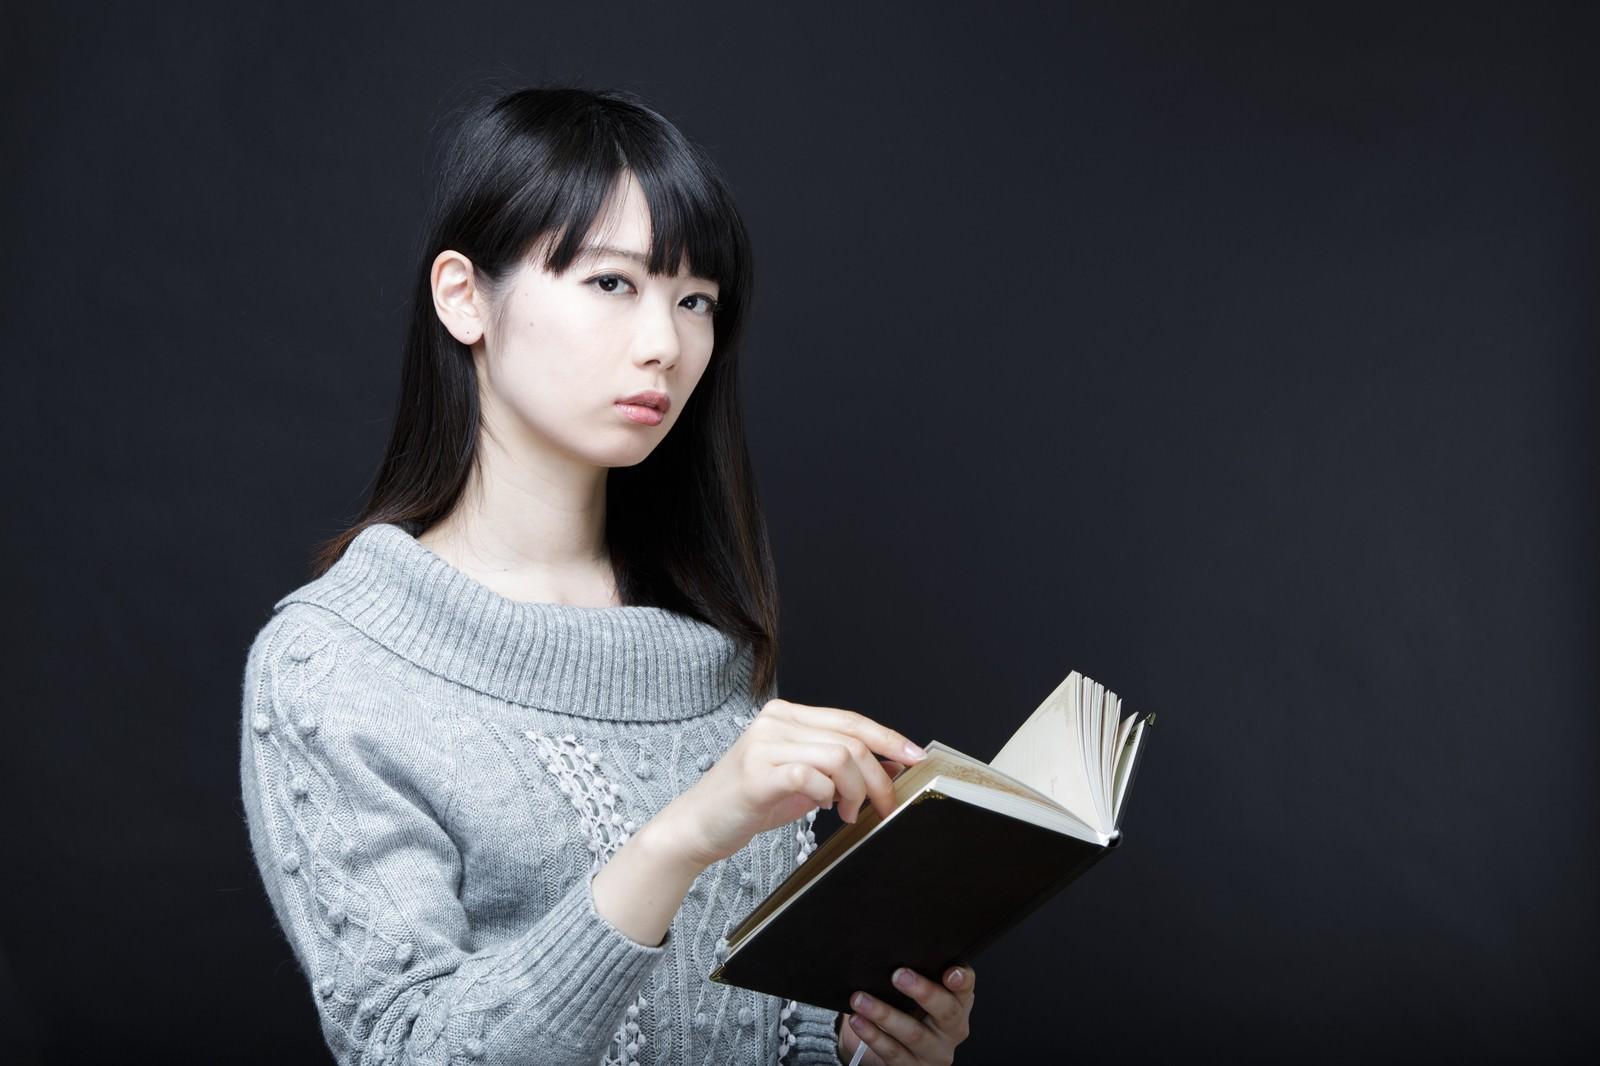 「美女と書籍」の写真[モデル:白鳥片栗粉]